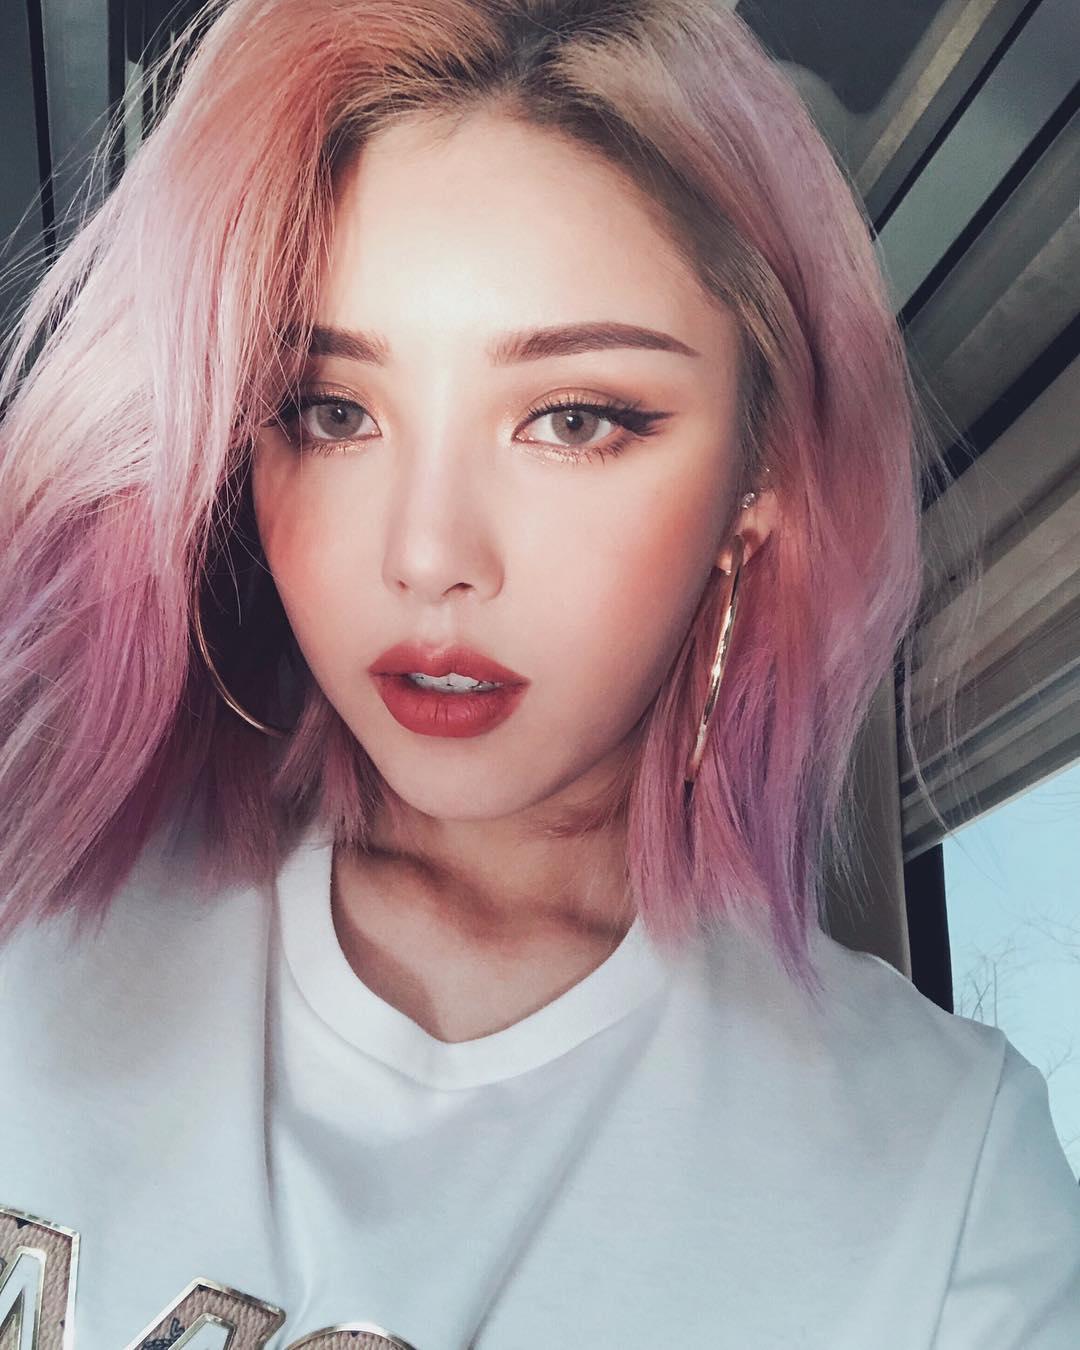 說到韓國彩妝師PONY應該無人不知無人不曉吧?在全球彩妝界占有一席之地,除了妝容精緻完美,還有一張漂亮的臉蛋,任誰看了都覺得他就是明星無誤啊!